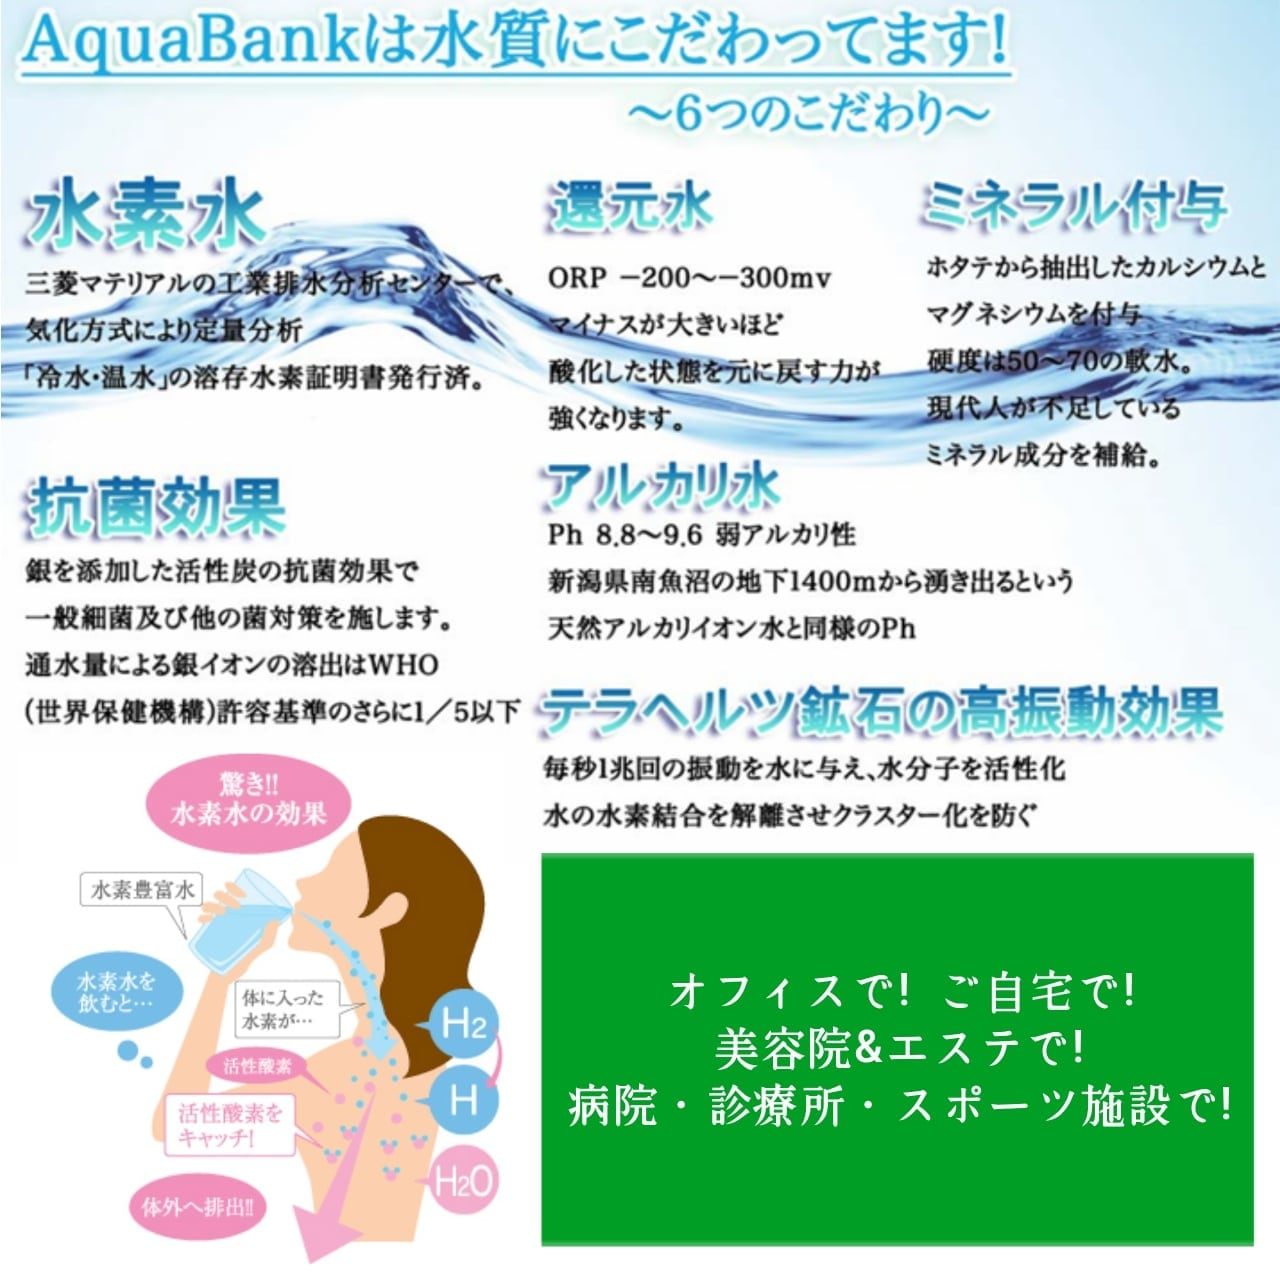 【業者設置】AquaBank水素水レンタルサーバー(業者設置コース・初回払い・初月分・2ヶ月目分と登録料込代金チケット)/水道水を「ミネラル水素水」に!使い放題!!のイメージその2